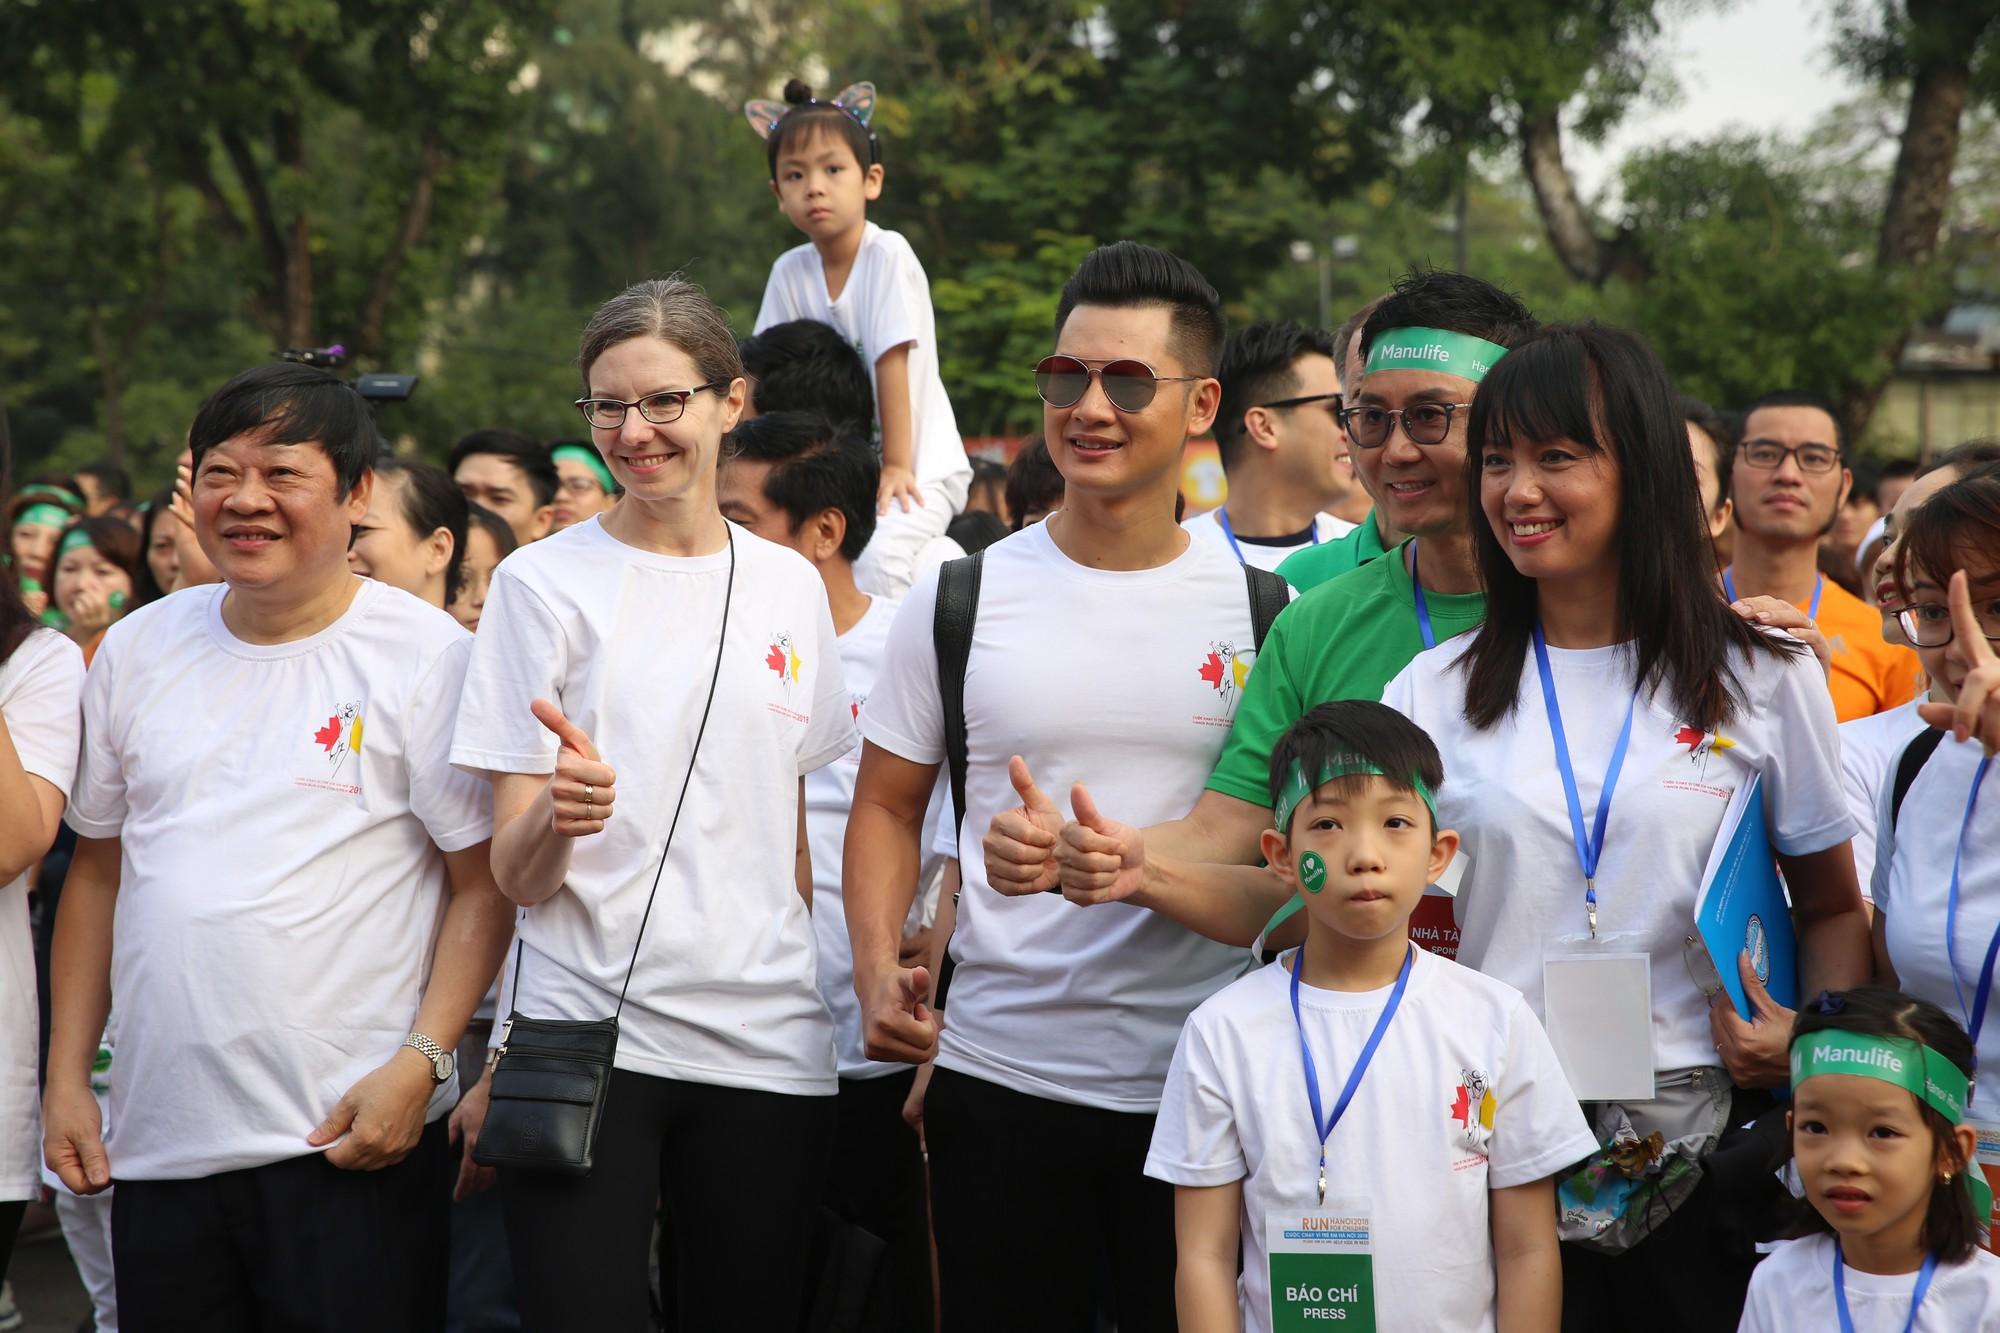 Chạy vì trẻ em Hà Nội 2018 thu hút hàng nghìn người tham dự, quyên góp hơn 1 tỷ đồng - Ảnh 5.